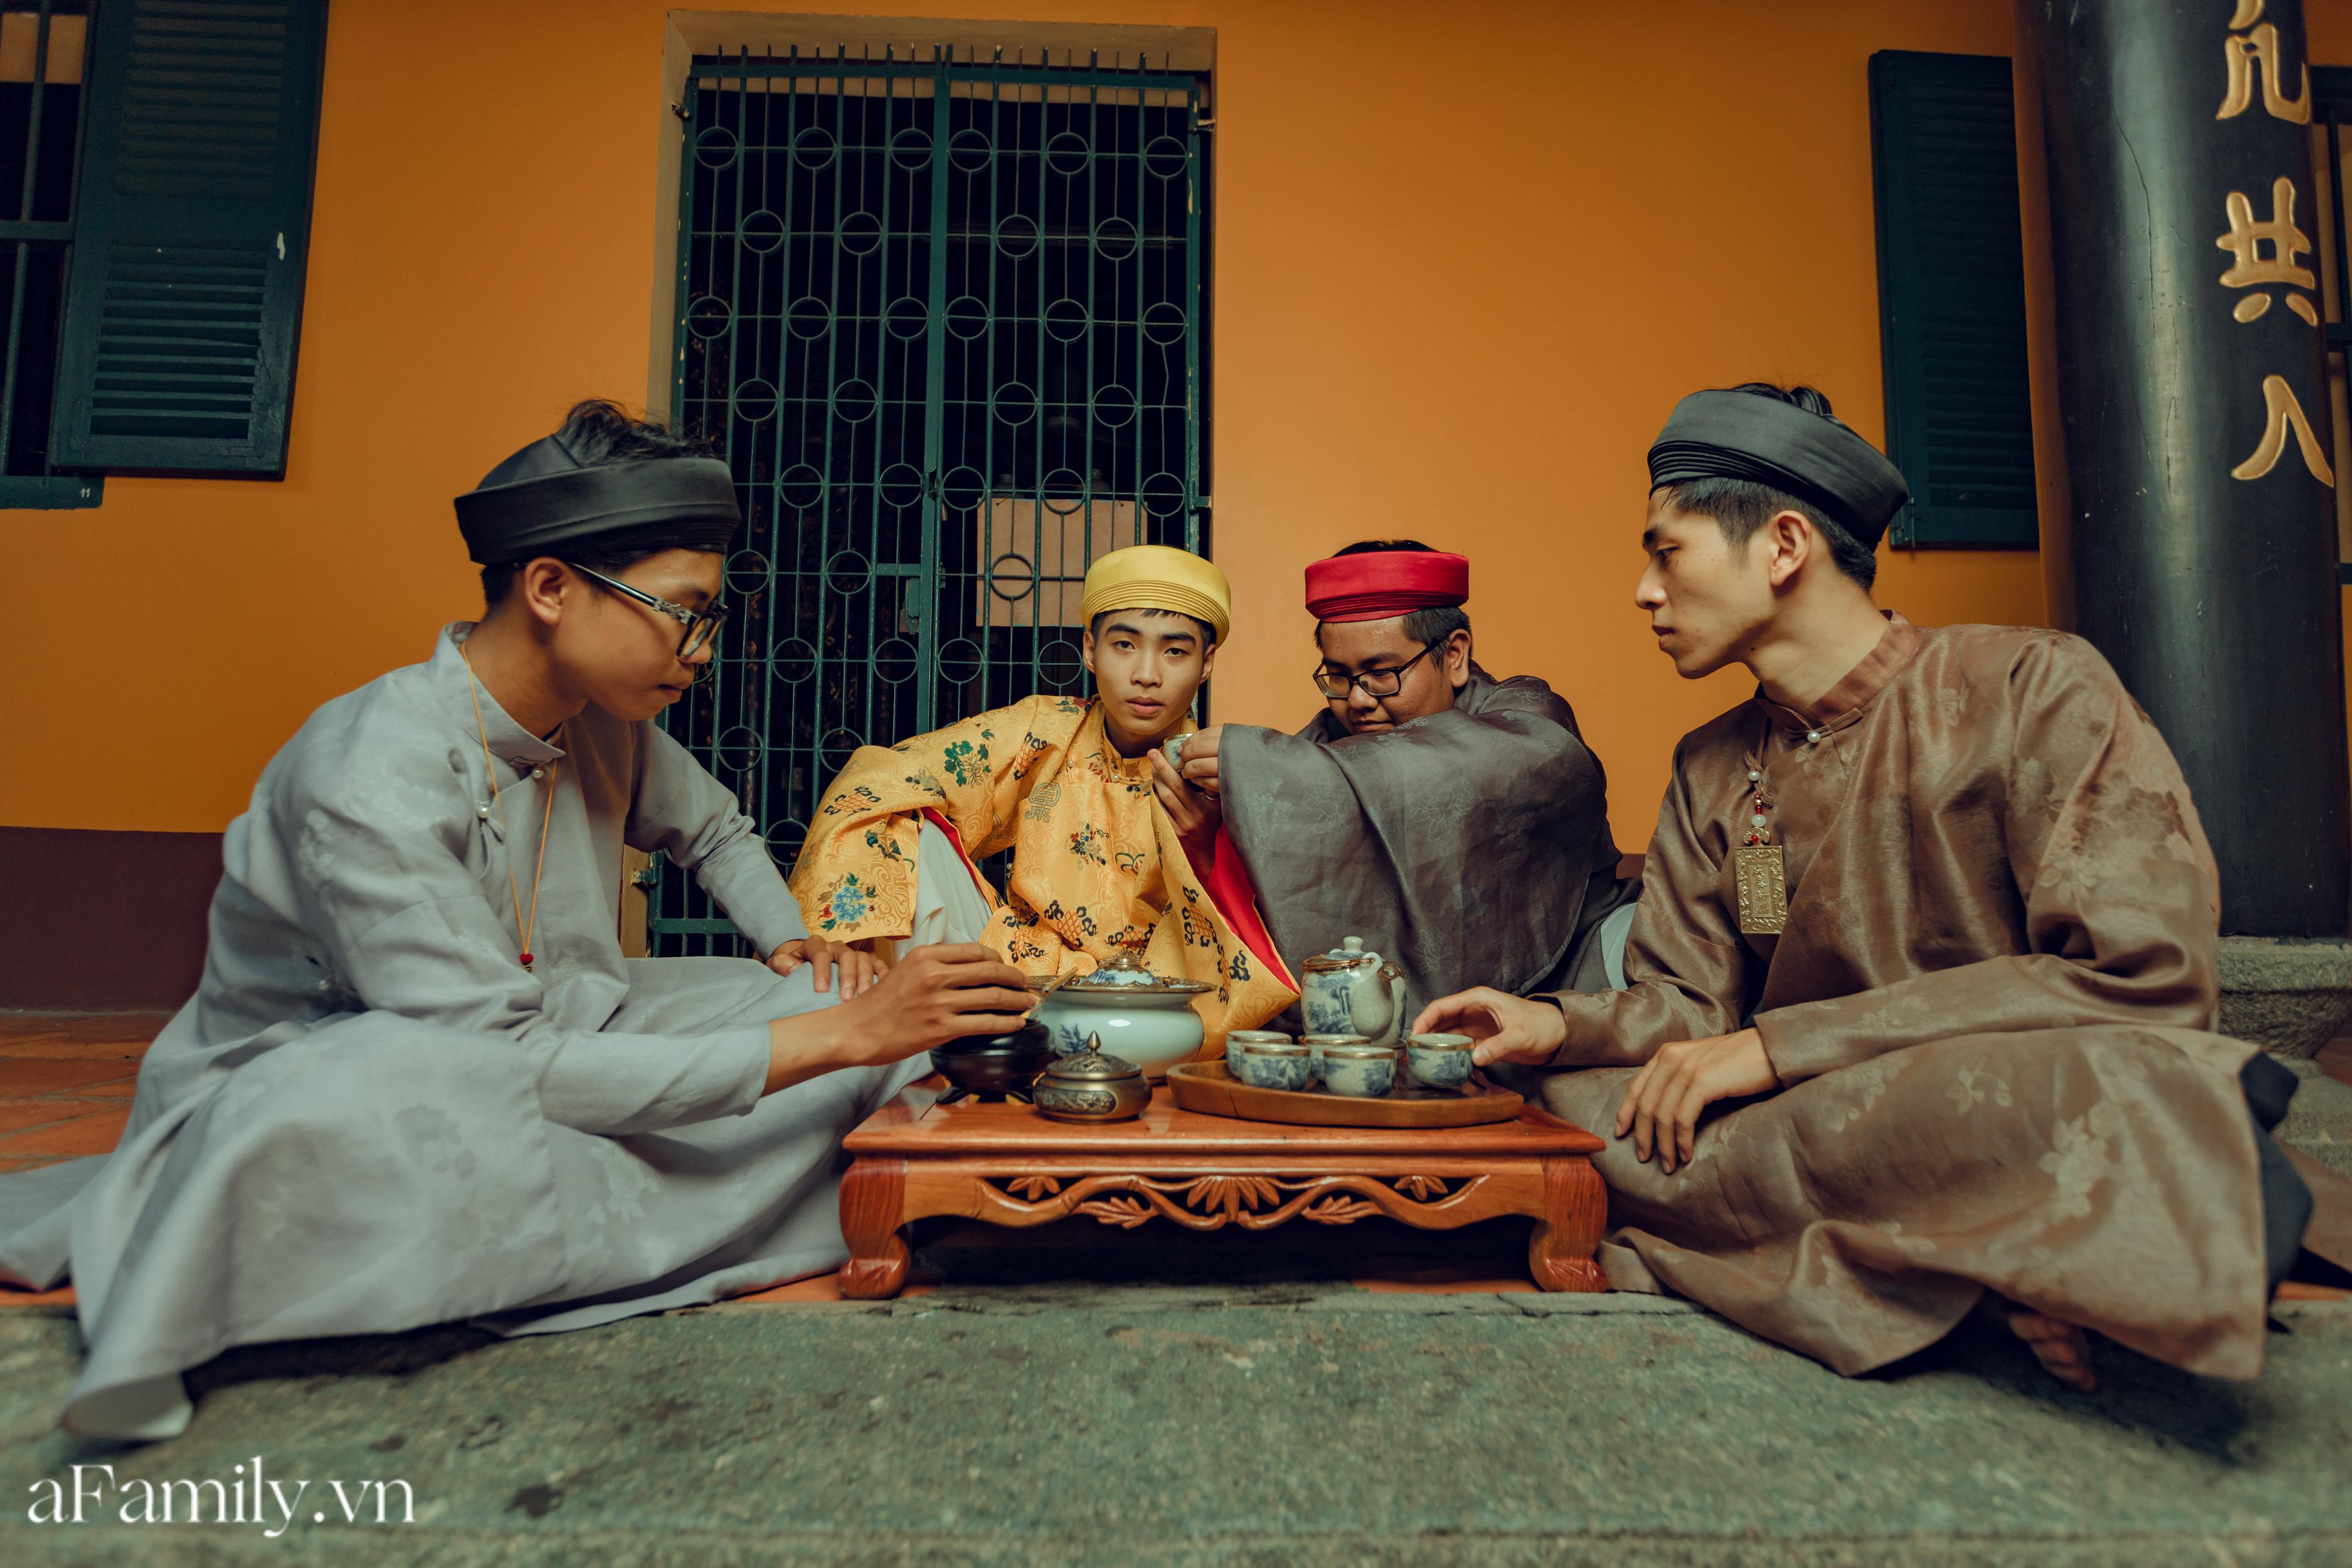 """Nhóm học sinh cấp 3 tìm về nét đẹp truyền thống, diện nguyên dàn cổ phục Việt chụp ảnh kỷ yếu, nhanh chóng thành tạo """"hot trend"""" trên mạng xã hội - Ảnh 5."""